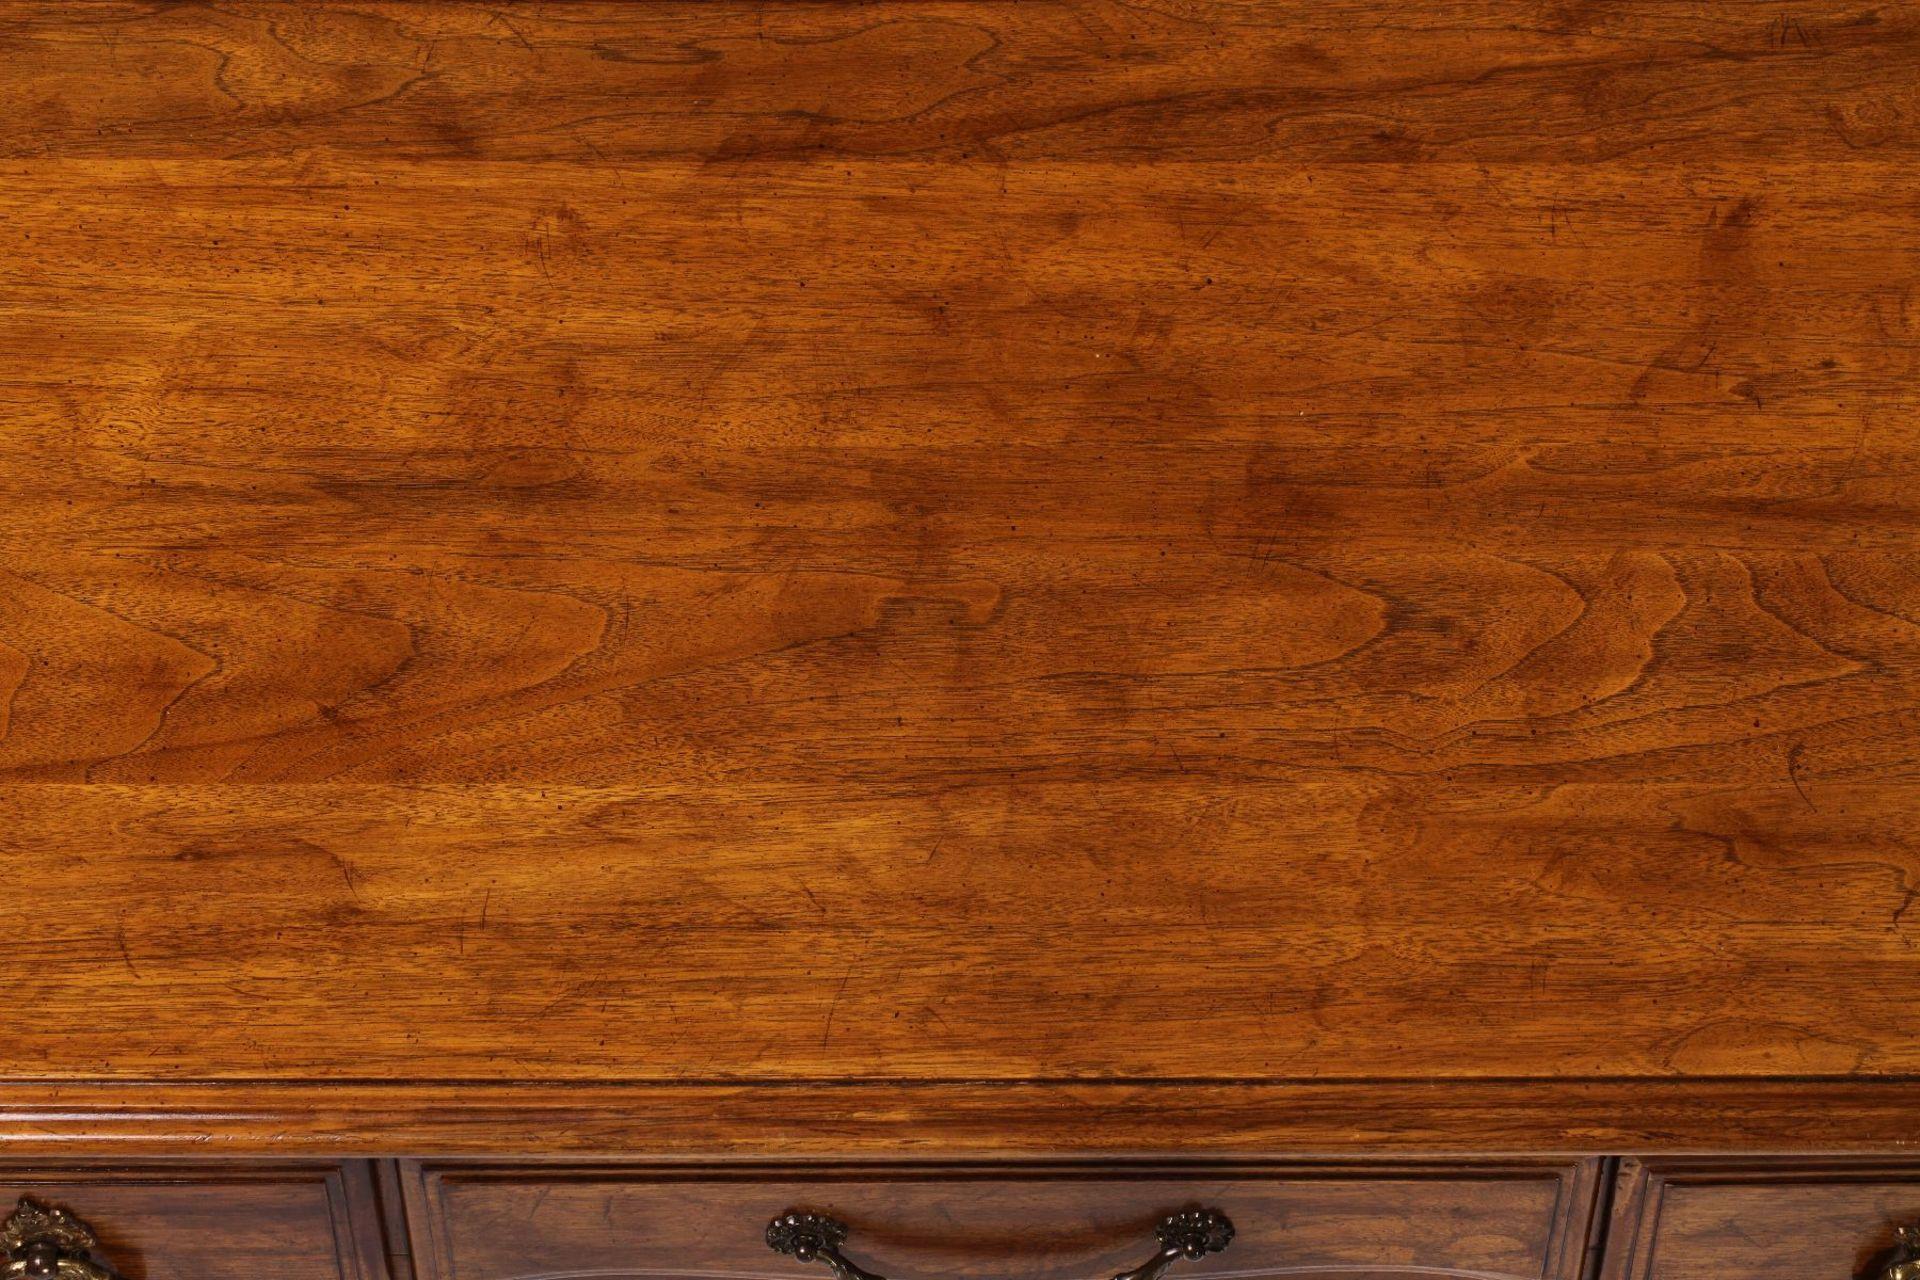 Damenschreibtisch mit Stuhl, 'Davis Cabinet Company', - Image 2 of 6